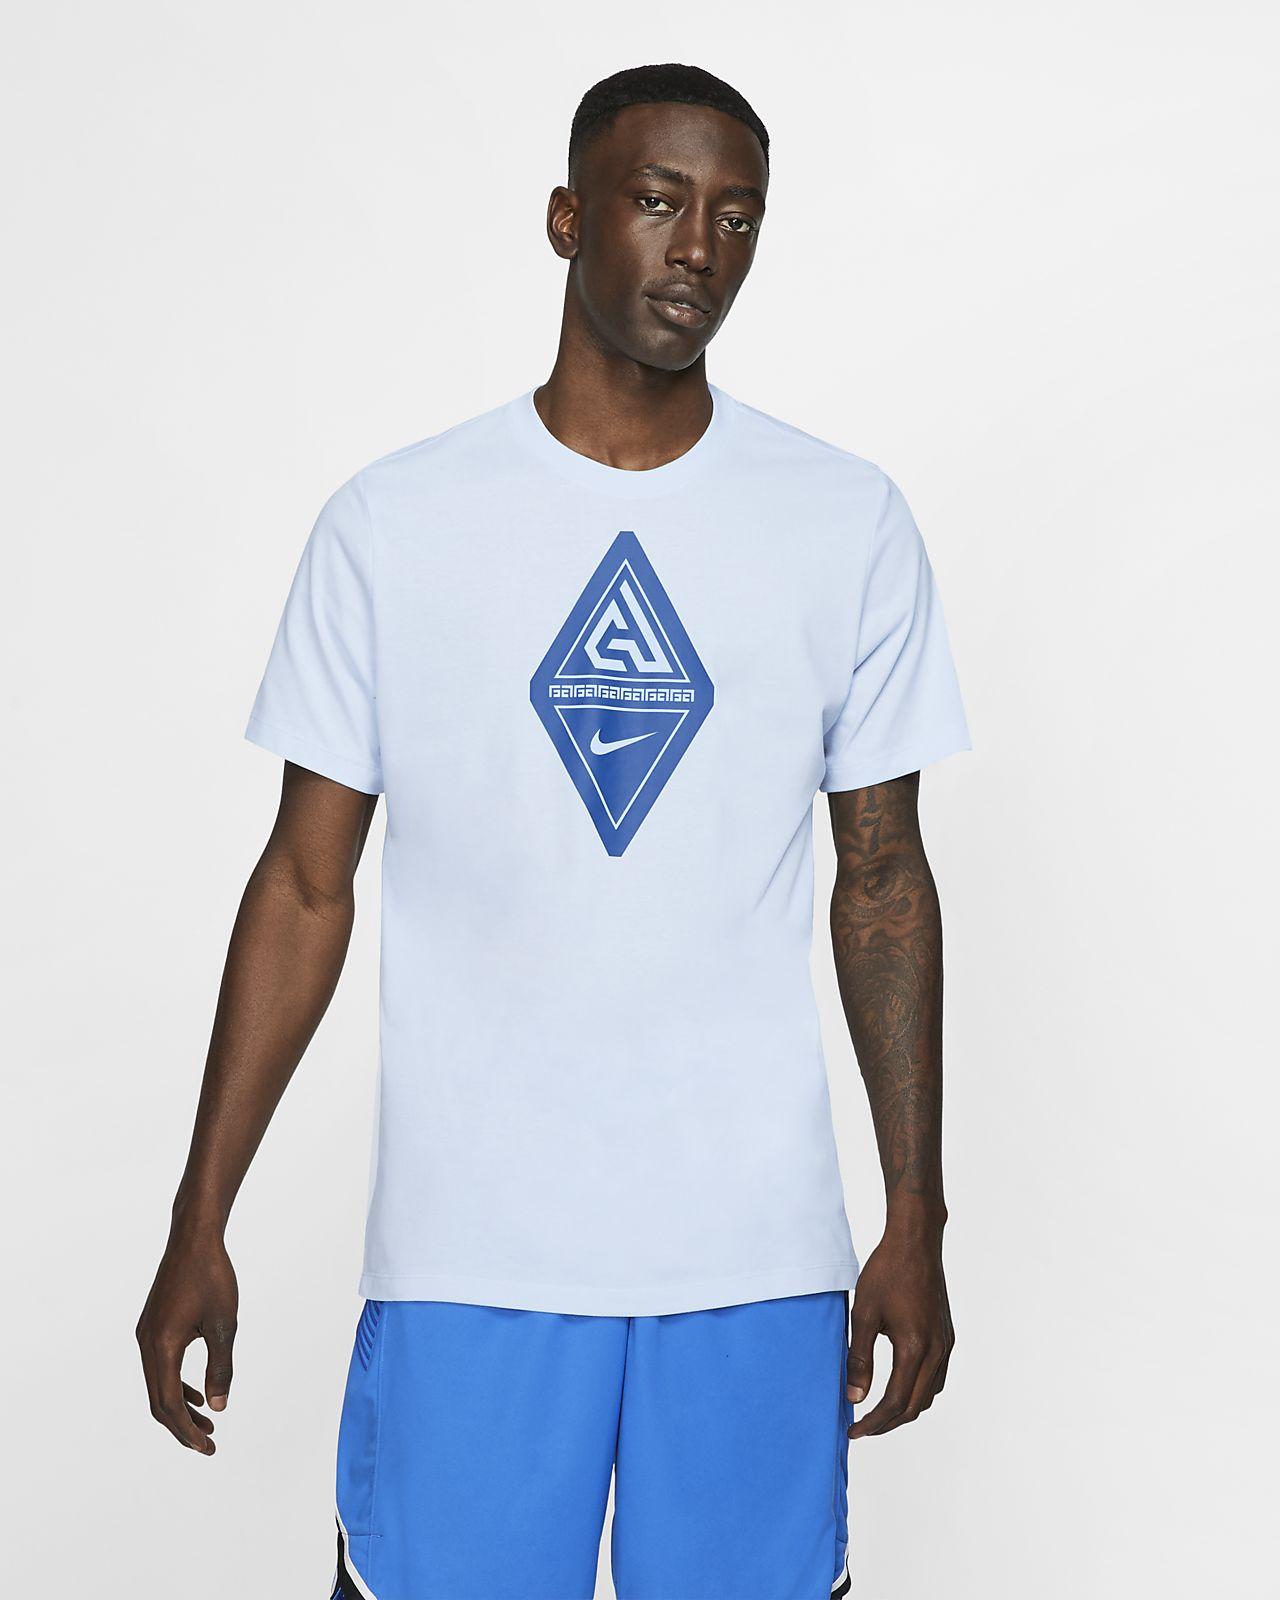 T-shirt de basquetebol com logótipo Giannis Nike Dri-FIT para homem